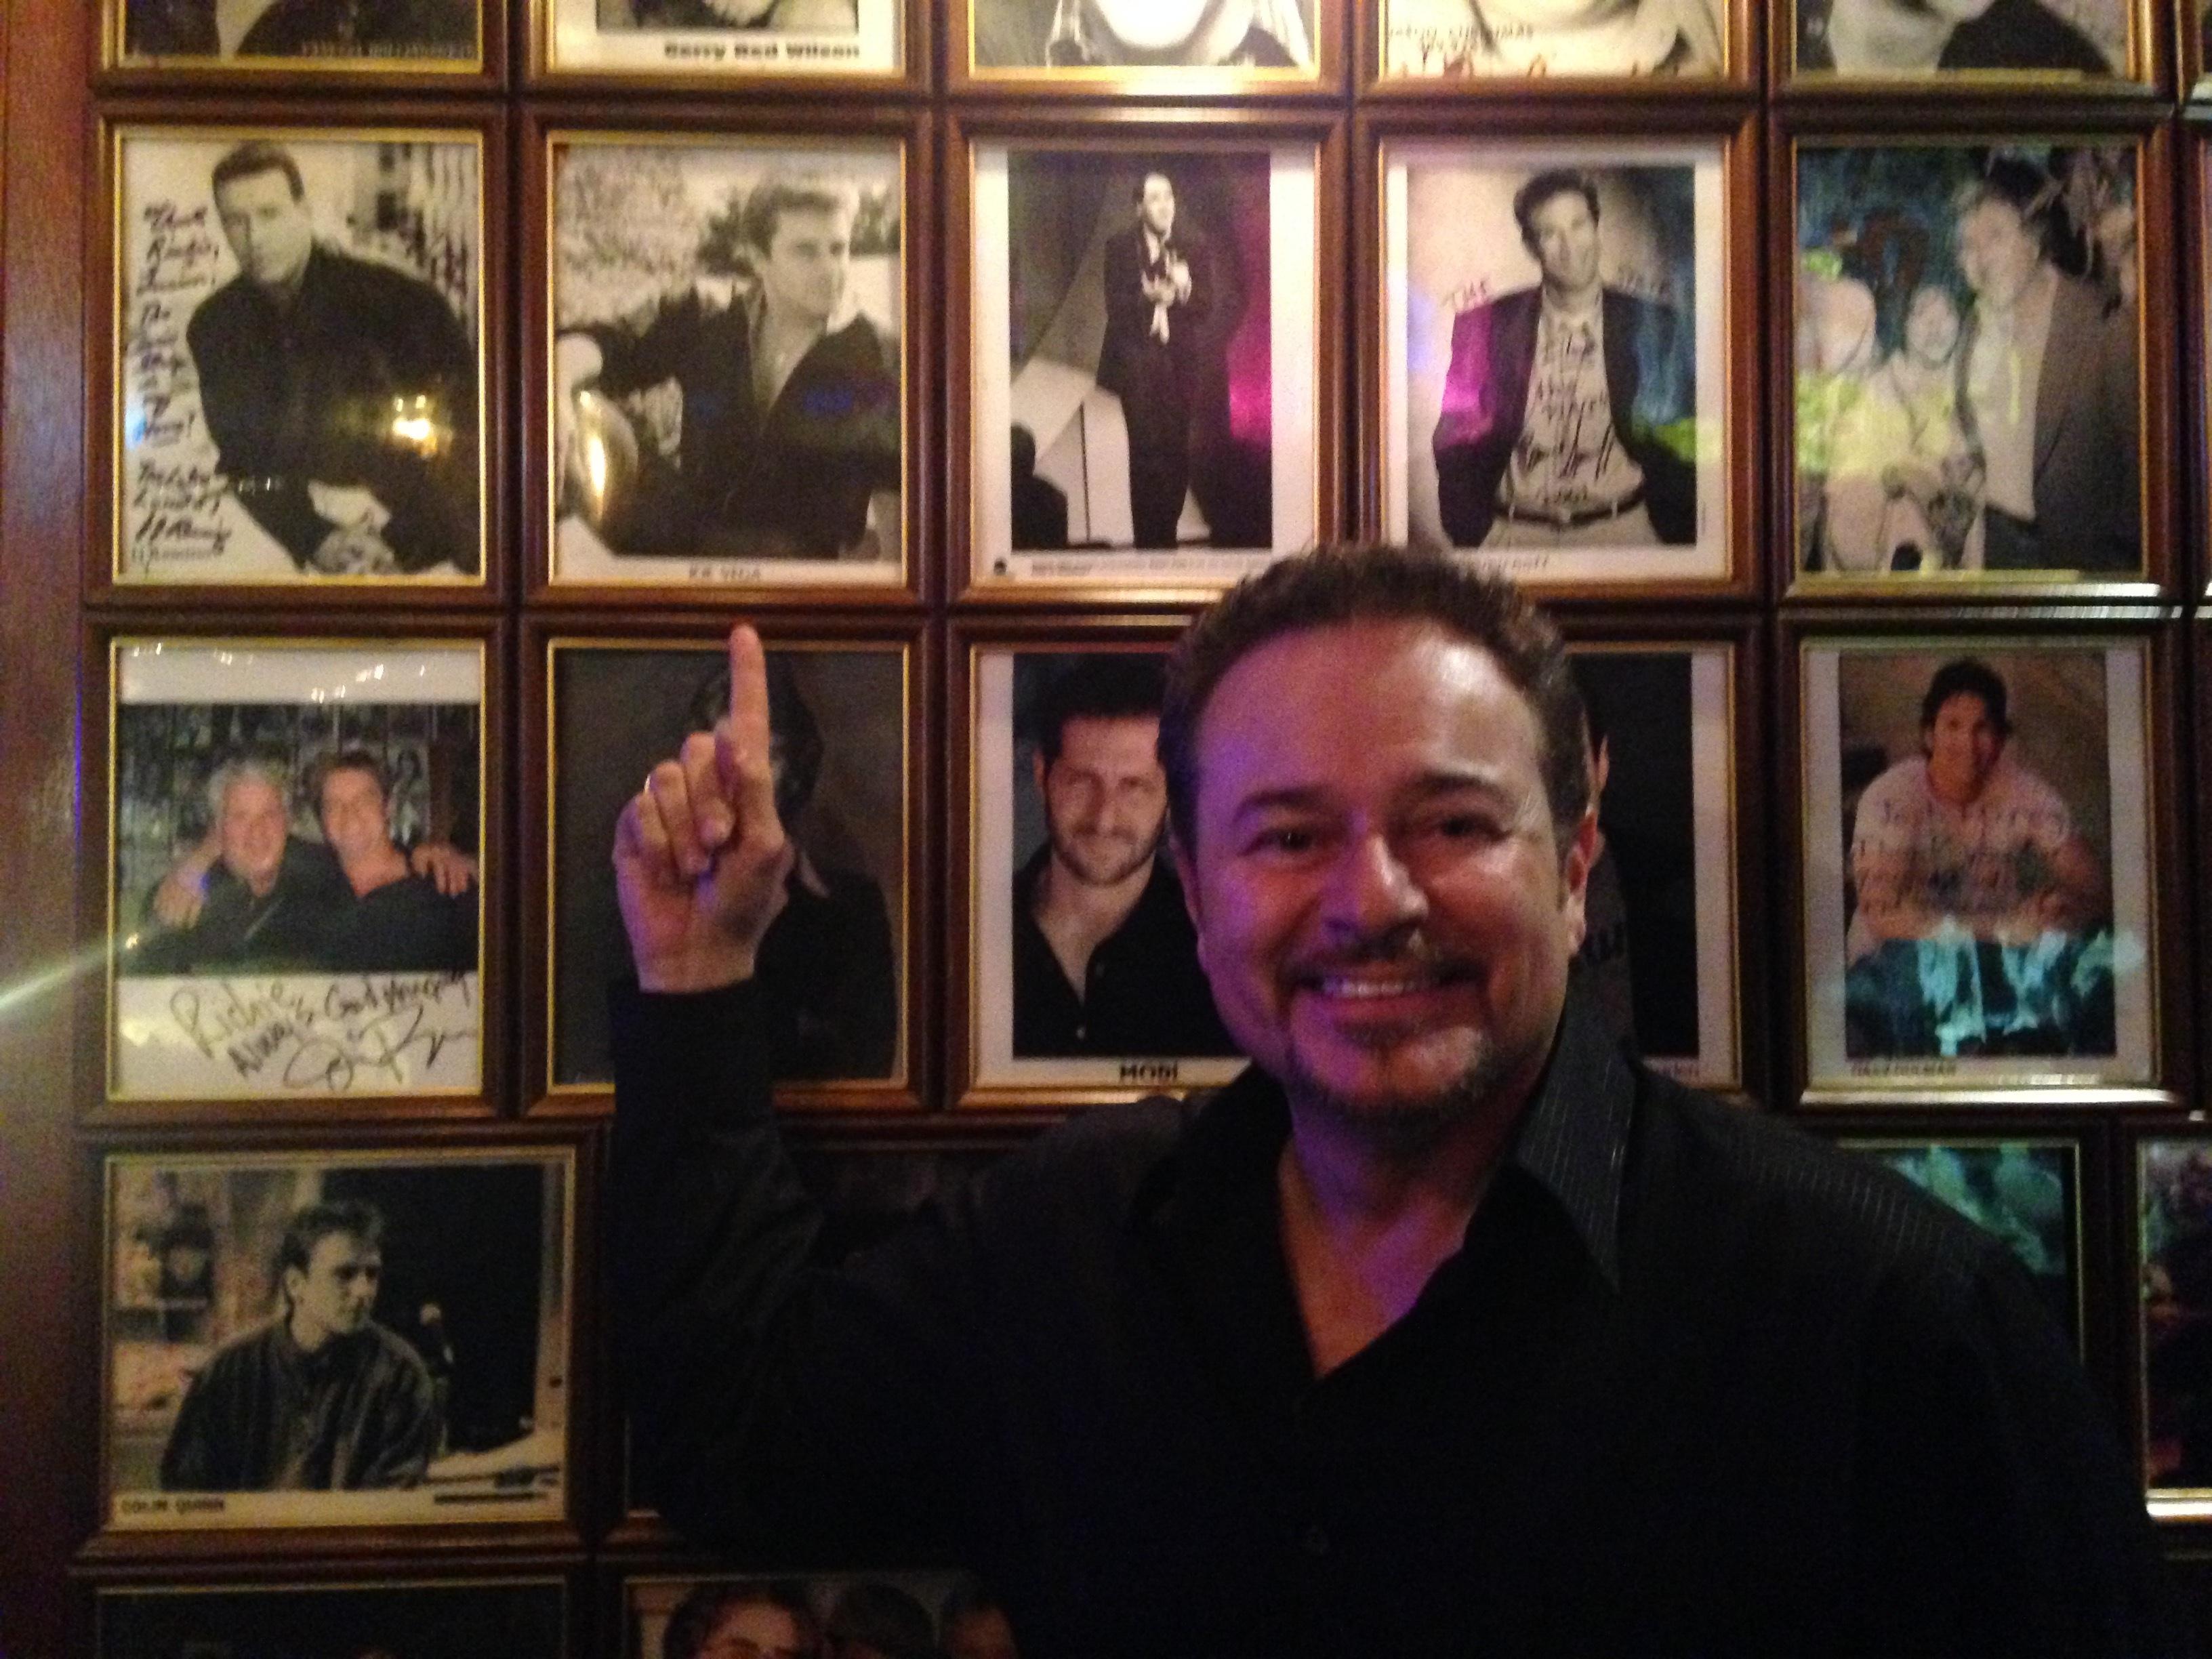 Joey Vega